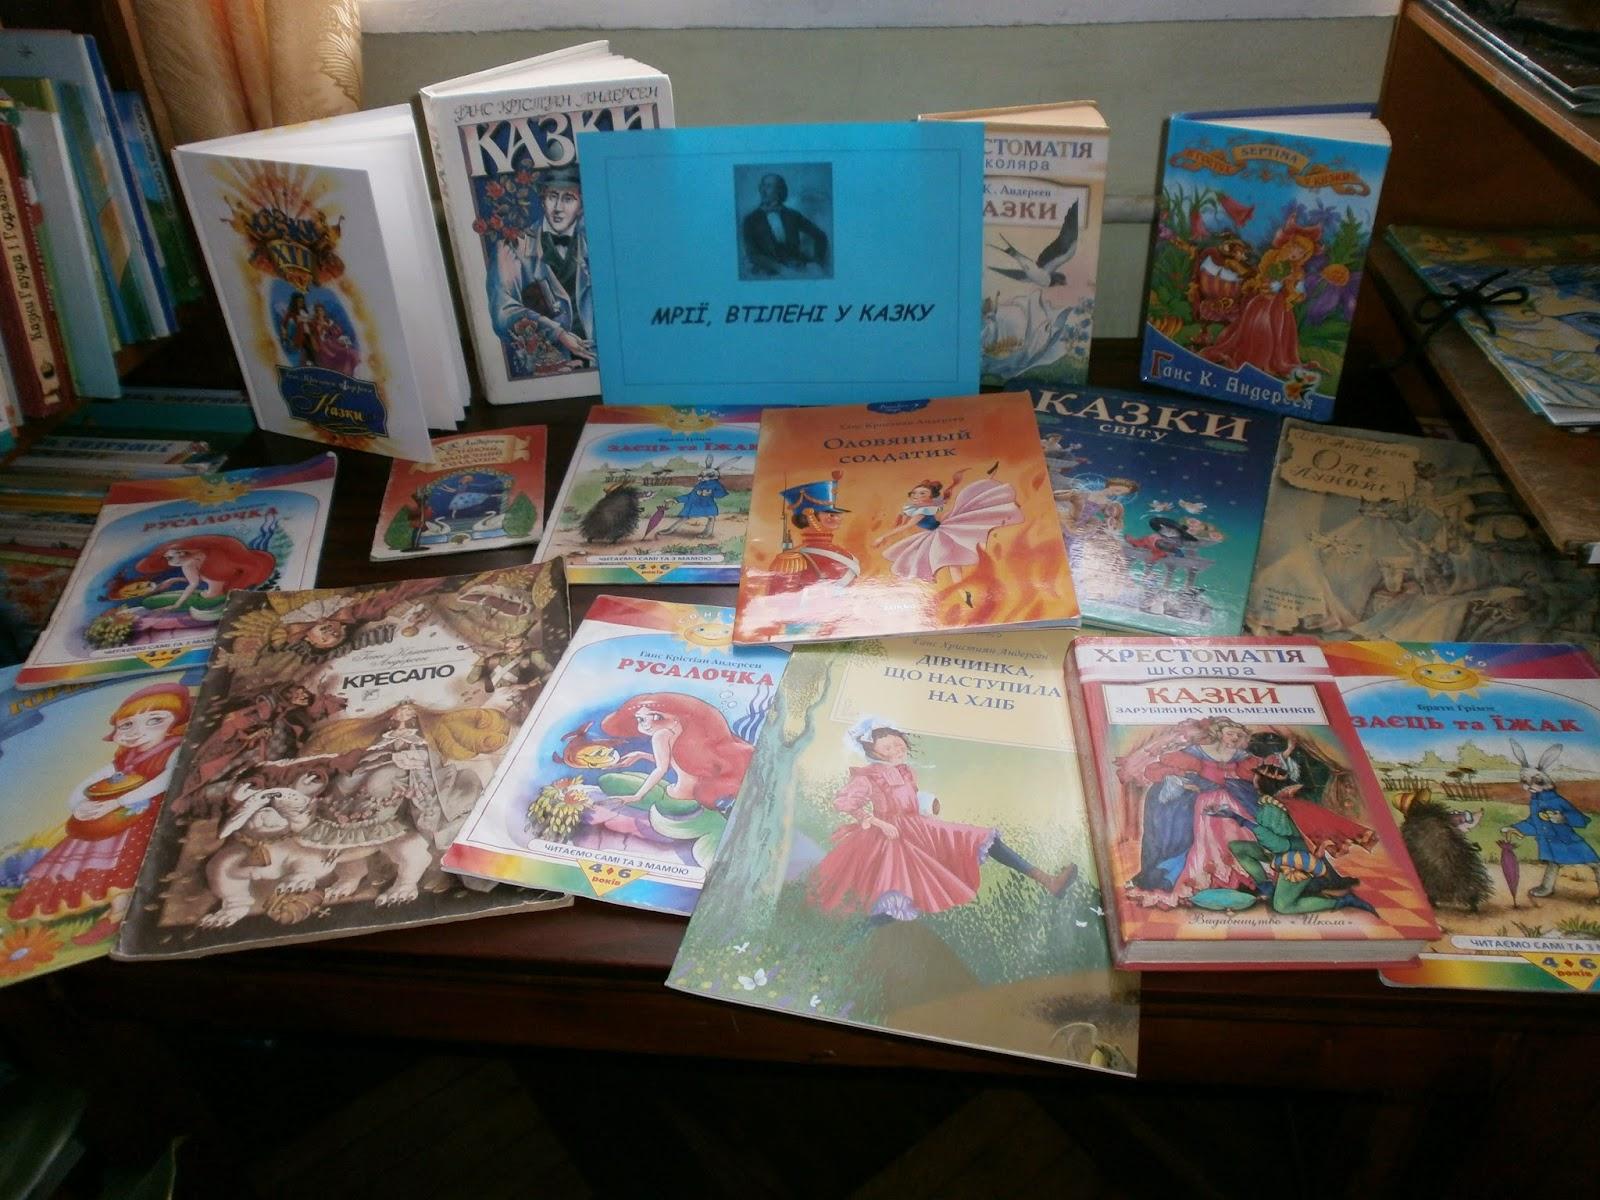 Картинки по запросу картинки книг казки андерсена в бібліотеці